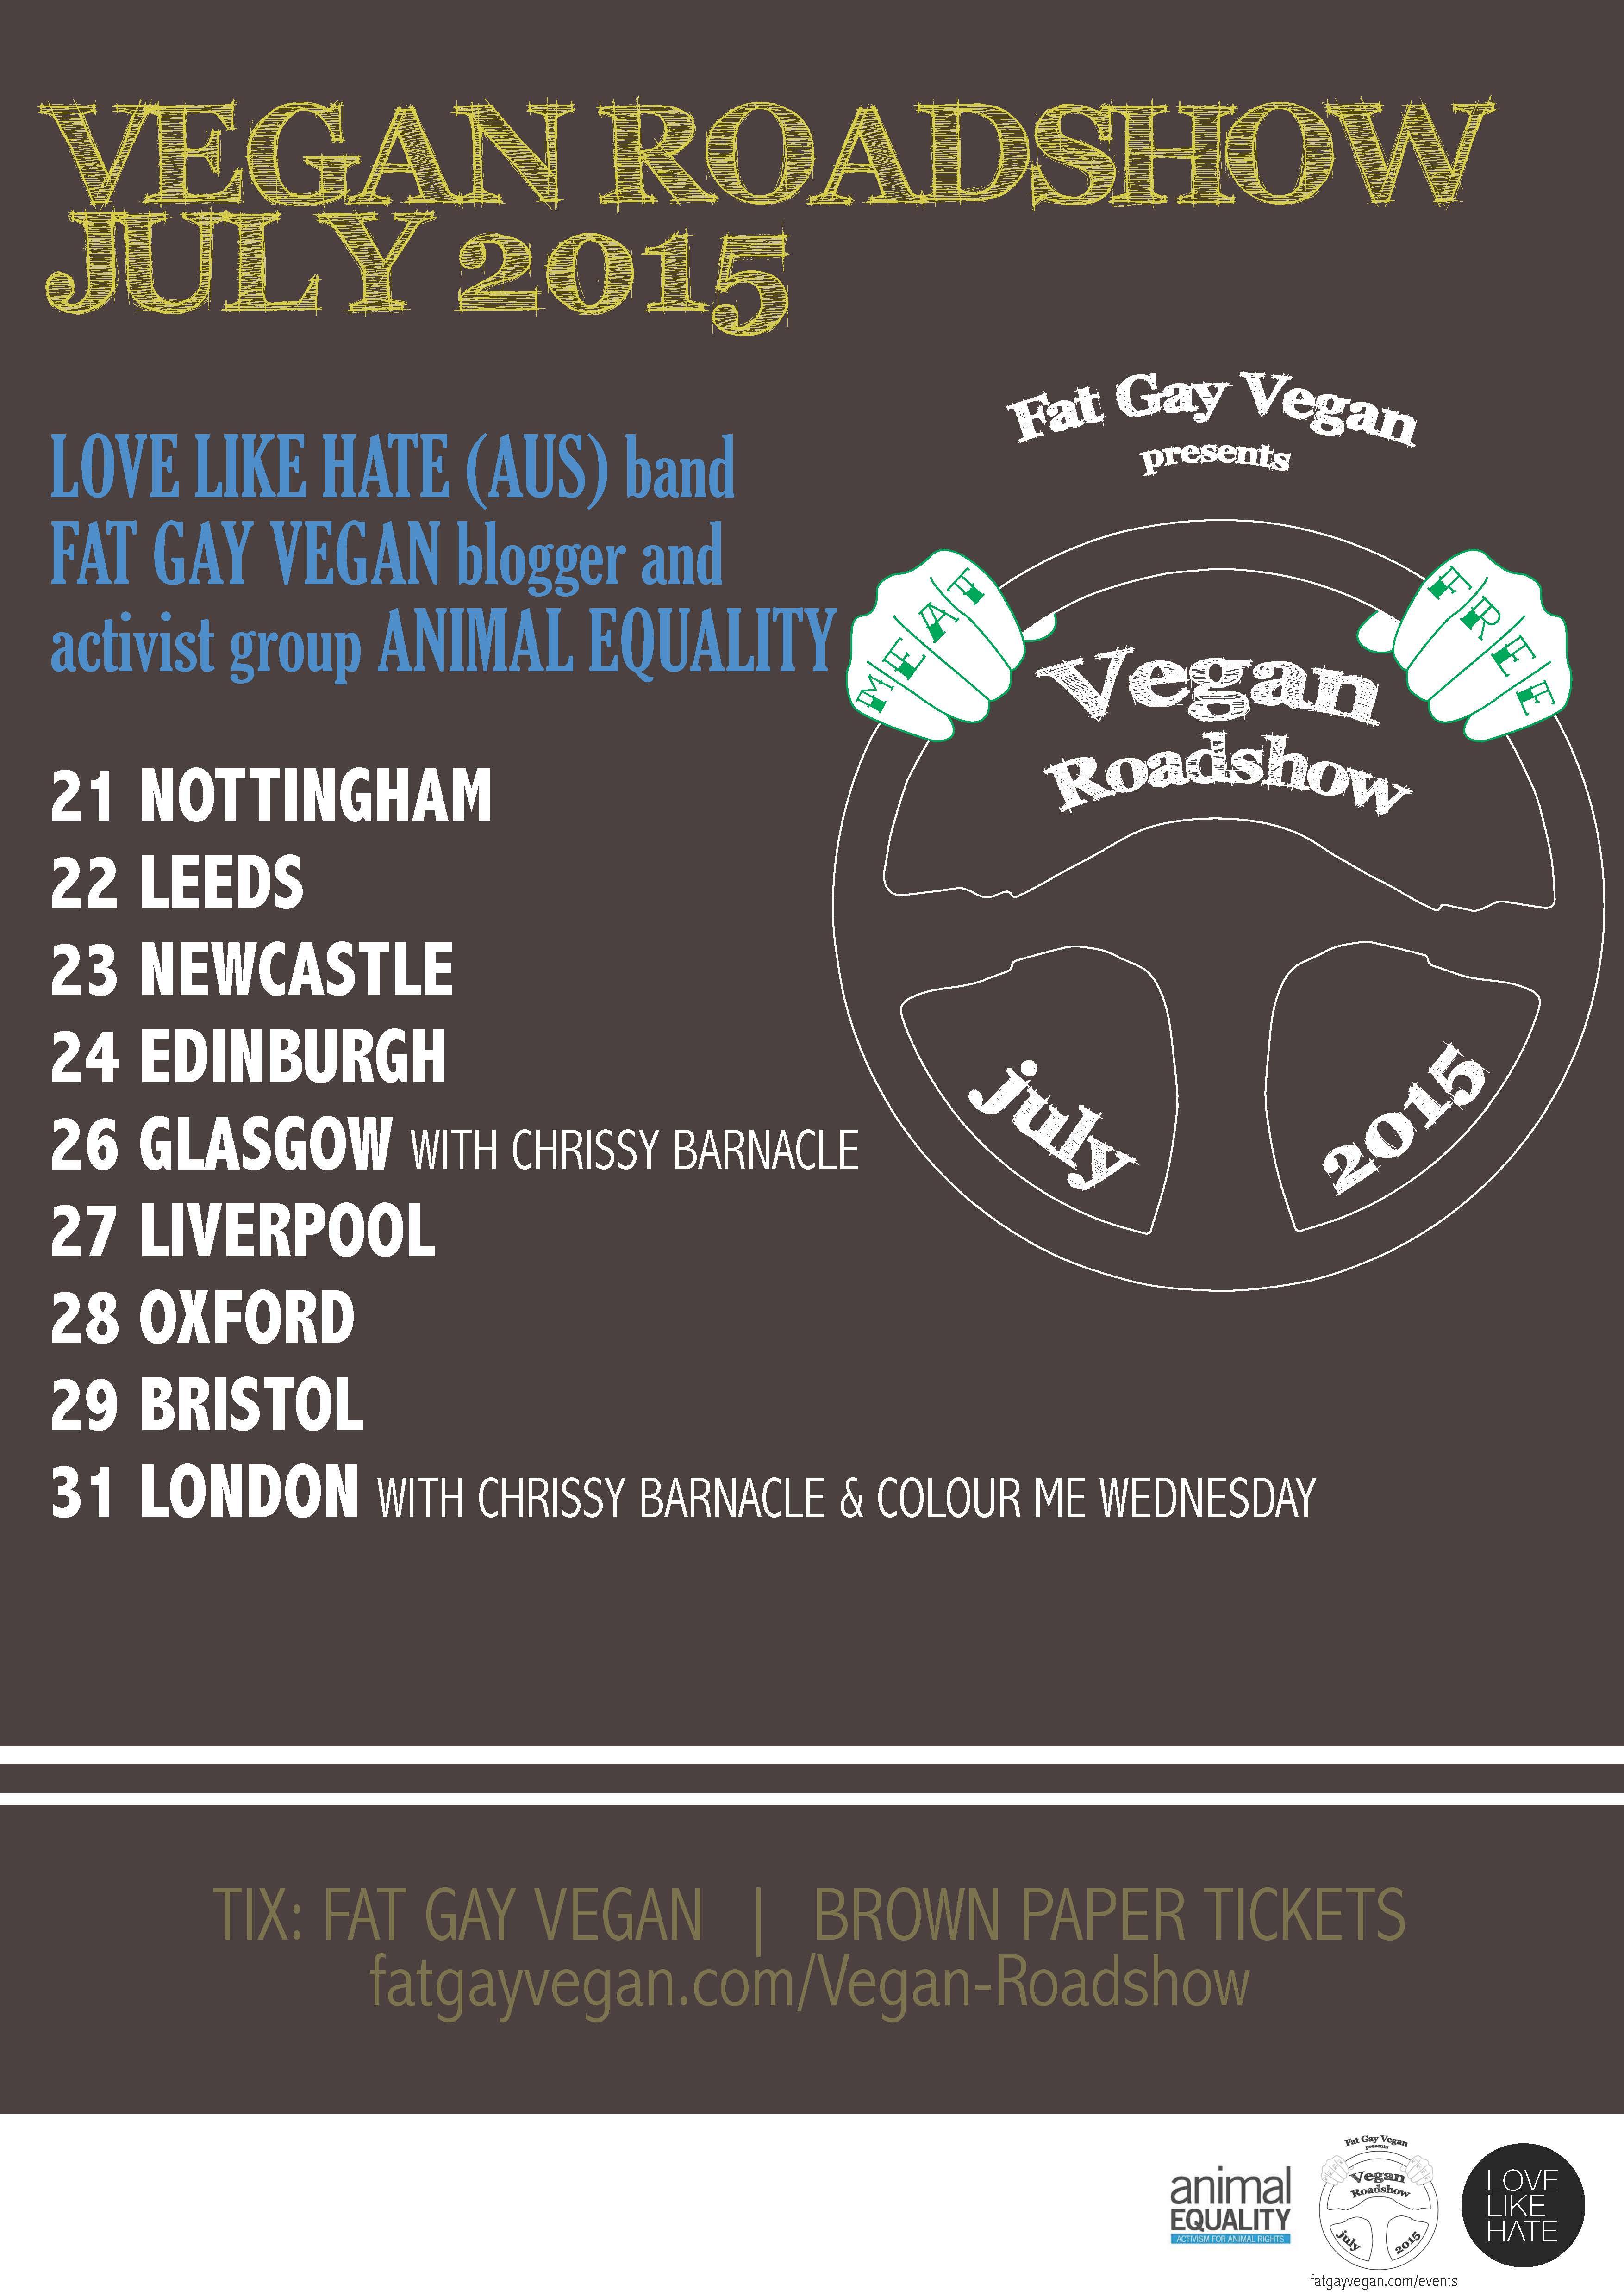 https://i1.wp.com/fatgayvegan.com/wp-content/uploads/2015/08/Fat-Gay-Vegan-Roadshow-Poster.jpg?fit=%2C